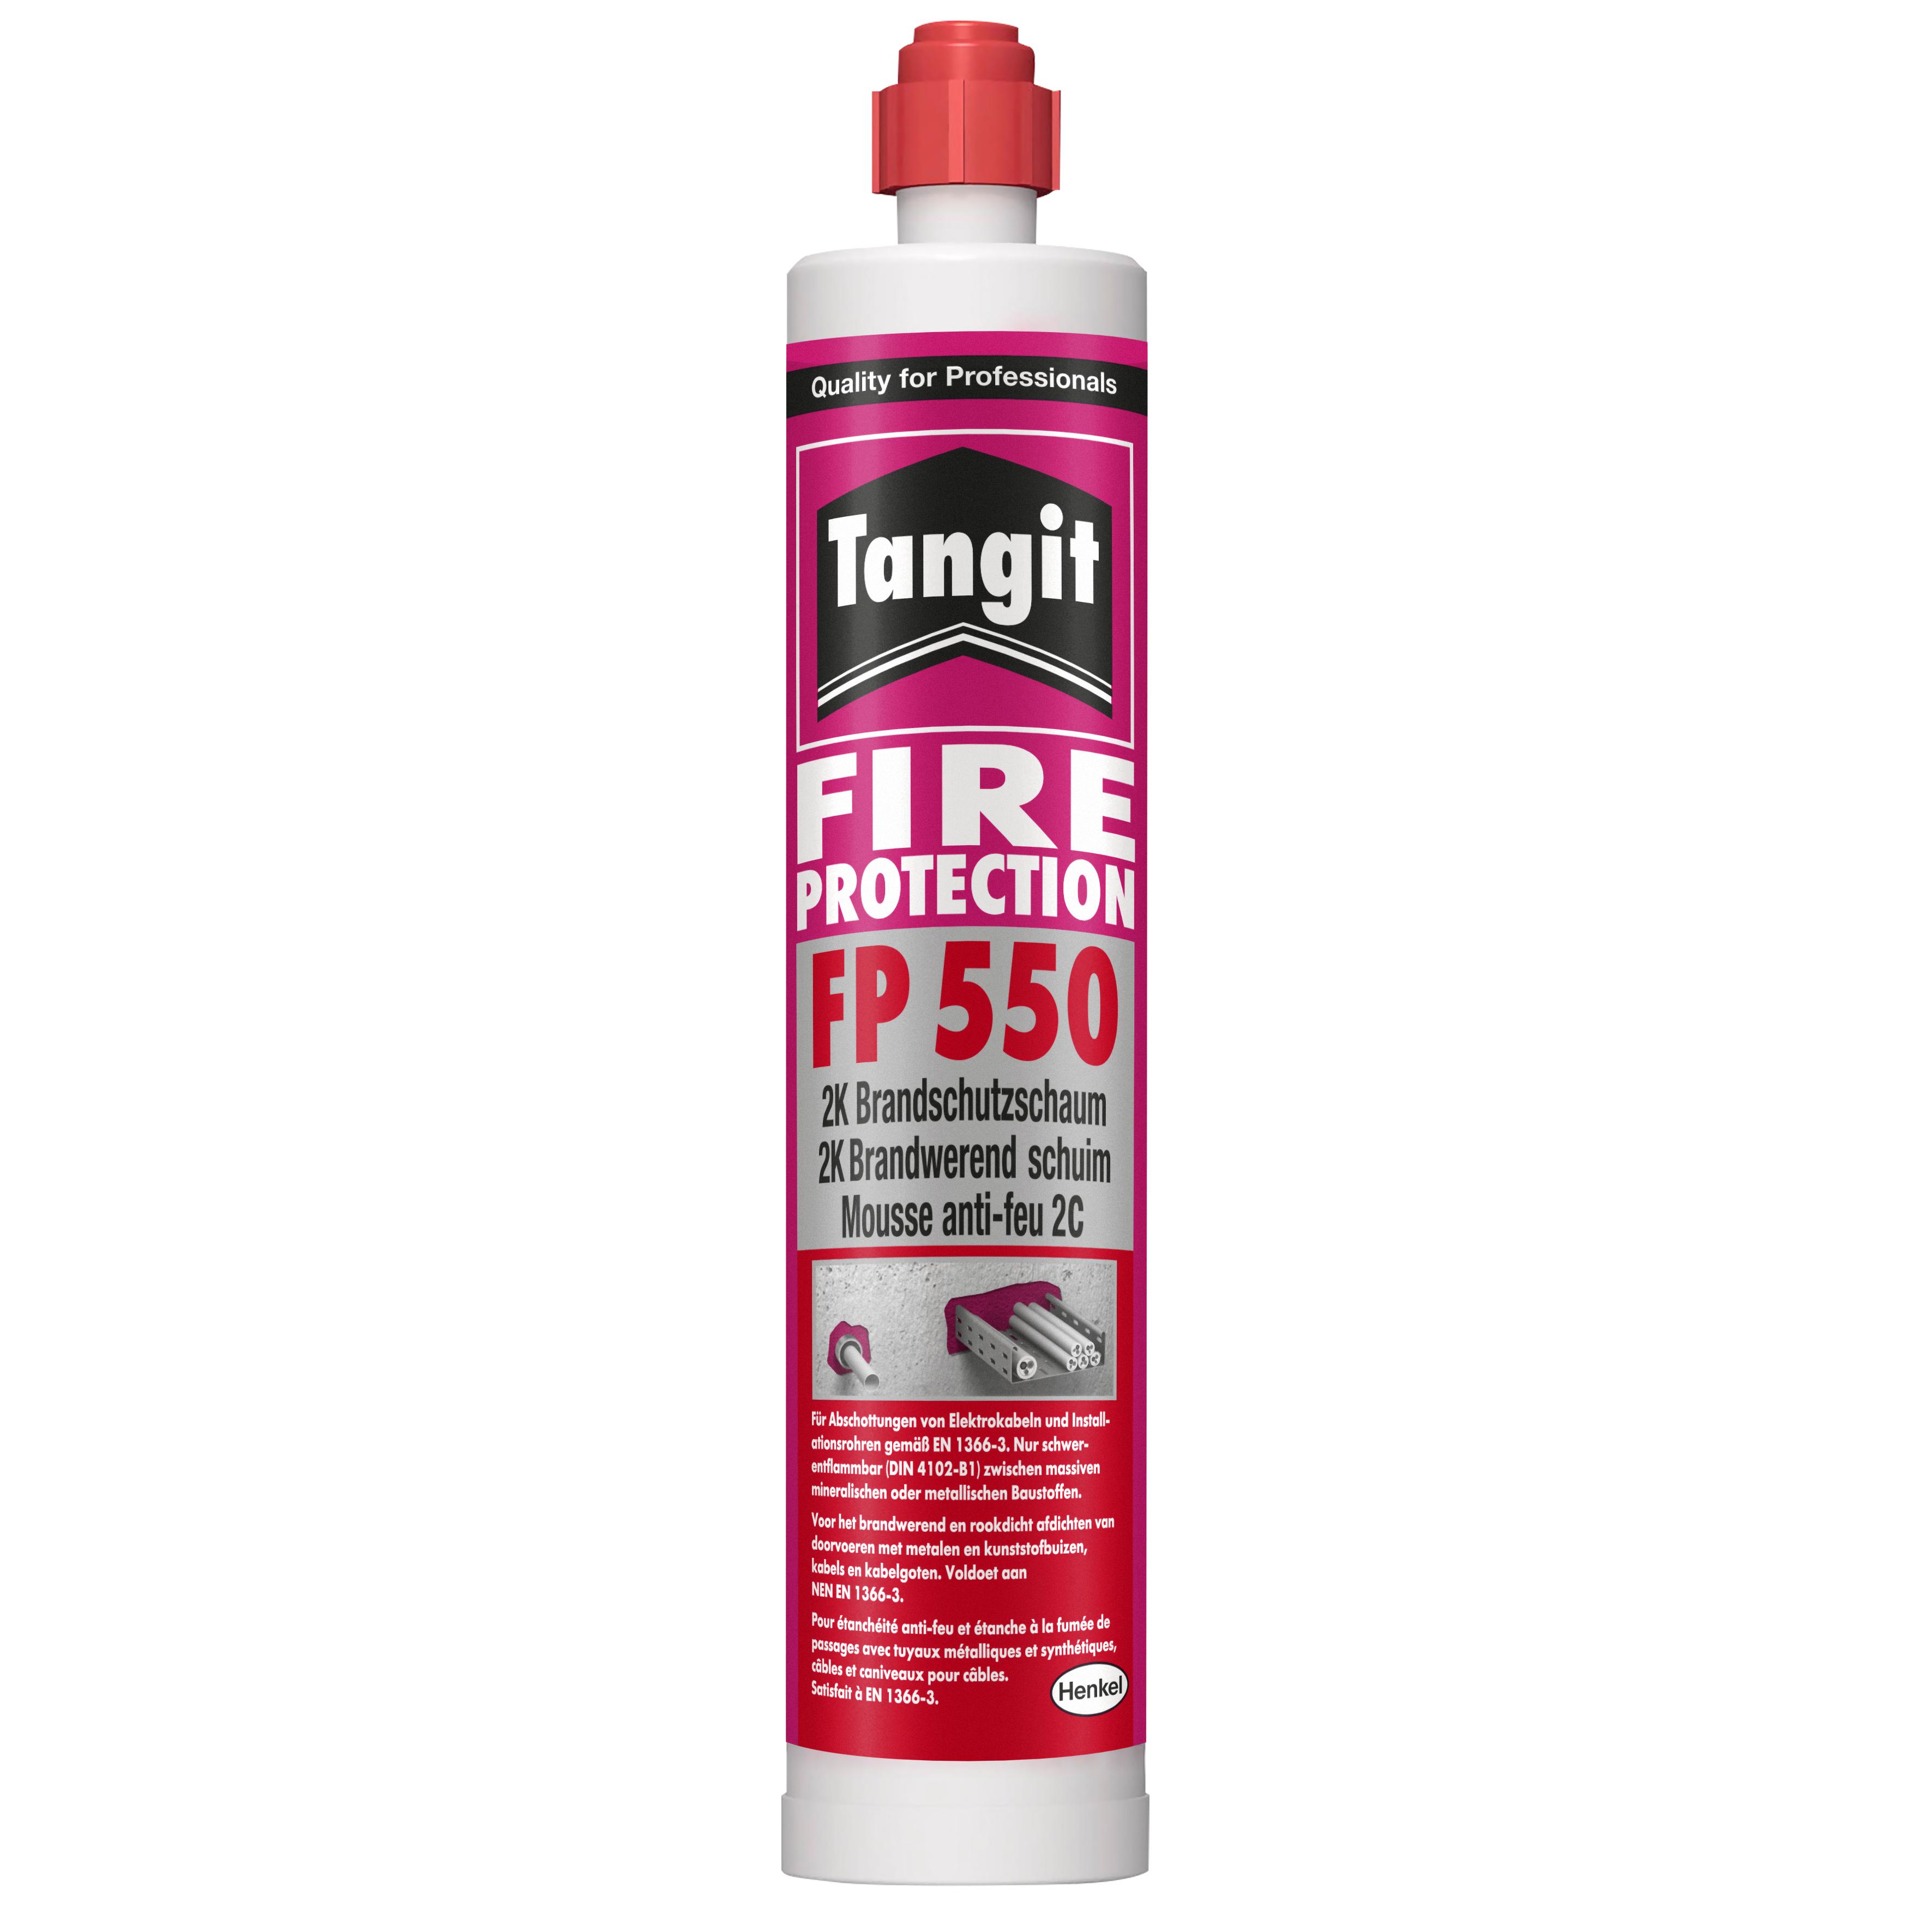 Tangit FP 550 2-K Brandschutzschaum